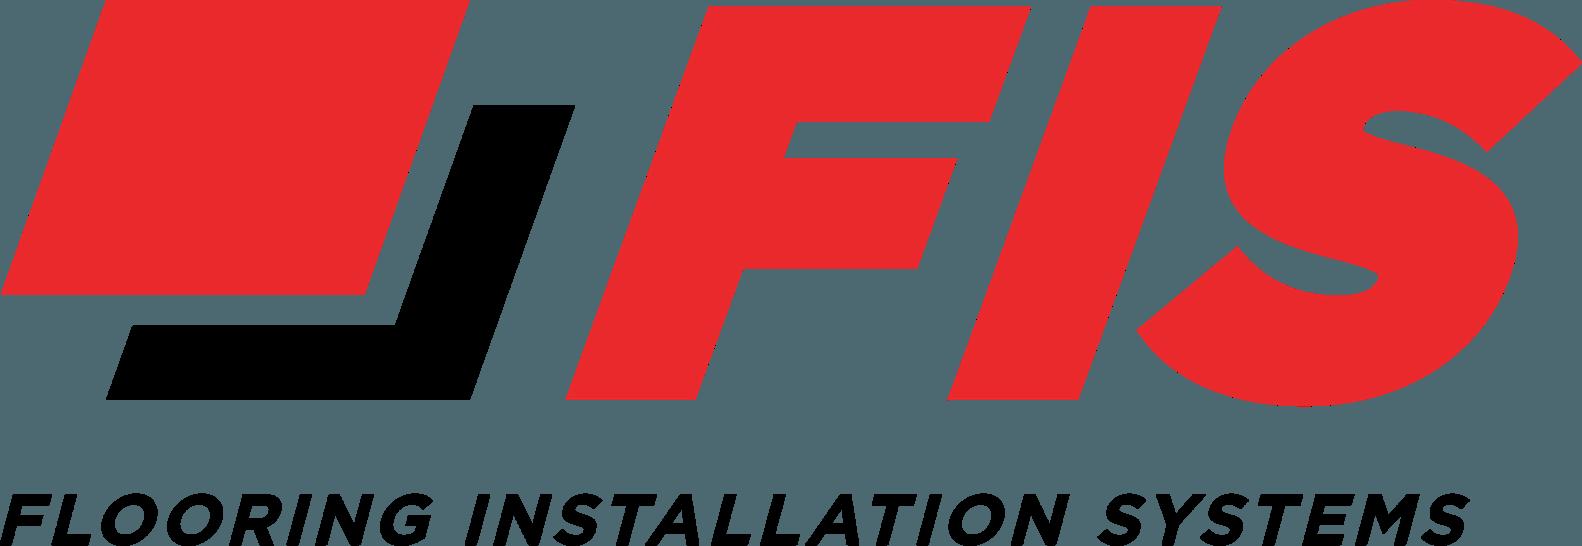 Flooring Installation System